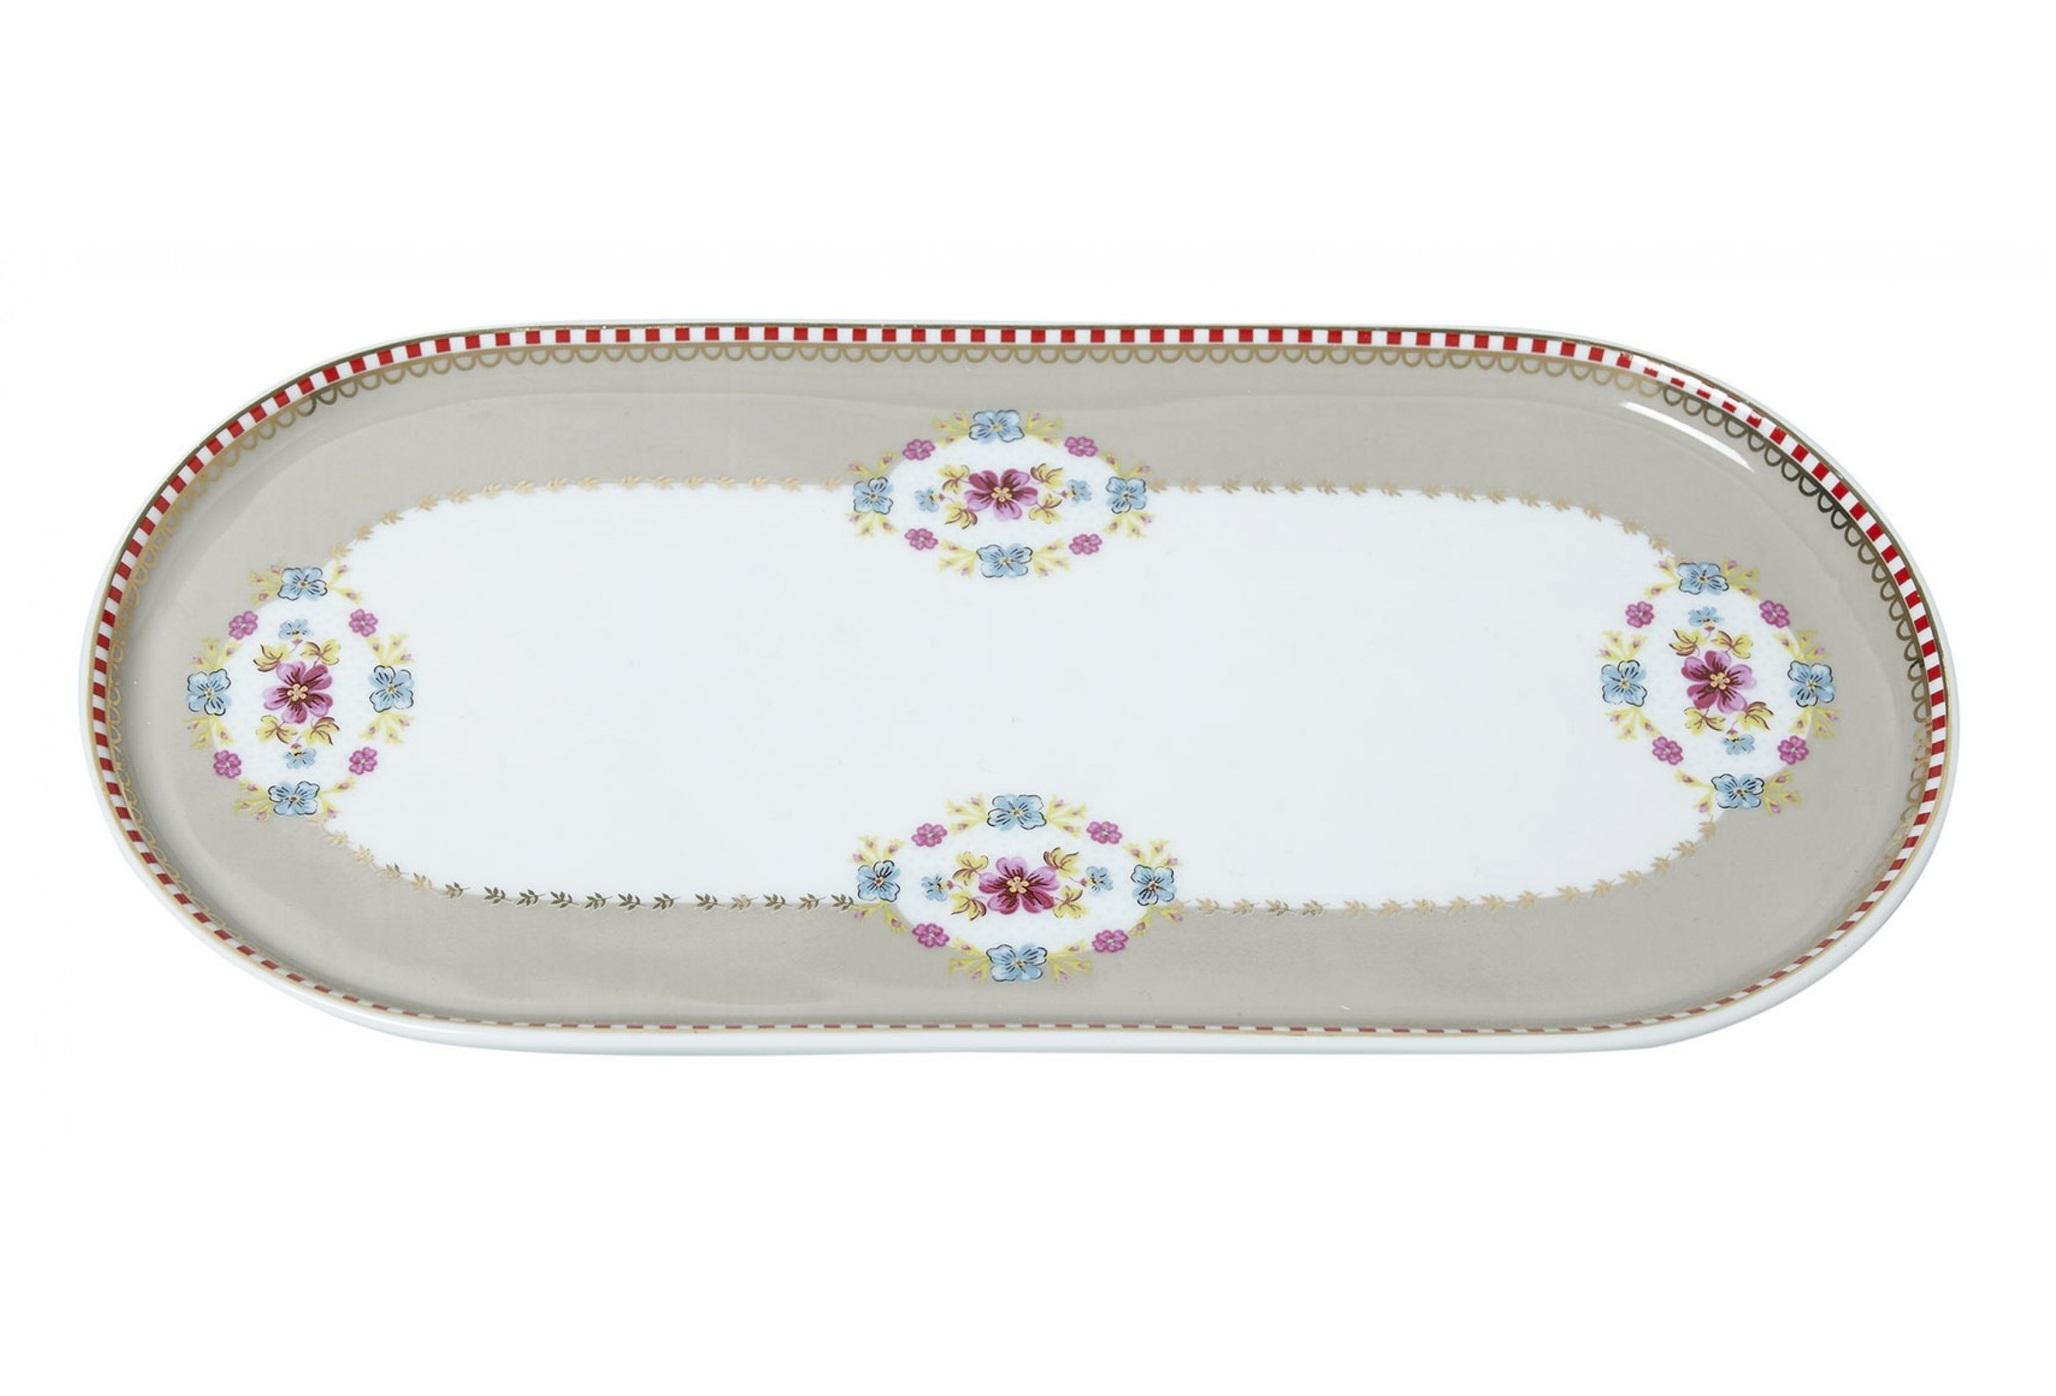 Набор прямоугольных тарелок Floral Khaki (2шт)Тарелки<br>Коллекция посуды Floral появилась в 2008 г. и состоит из нескольких дизайнов, которые прекрасно сочетаются между собой и отлично дополняют друг друга. Особенность коллекции - в декорировании цветами, птицами и позолотой на всех предметах. Коллекция состоит из трёх цветовых групп - розовой, хаки и голубой, которые можно бесконечно комбинировать между собой. Коллекция также включает в себя кухонный текстиль и стекло.&amp;lt;div&amp;gt;&amp;lt;br&amp;gt;&amp;lt;/div&amp;gt;&amp;lt;div&amp;gt;&amp;lt;span style=&amp;quot;font-size: 14px;&amp;quot;&amp;gt;Не использовать в микроволновой печи. Не рекомендуется мыть в посудомоечной машине.&amp;amp;nbsp;&amp;lt;/span&amp;gt;&amp;lt;br&amp;gt;&amp;lt;/div&amp;gt;<br><br>Material: Фарфор<br>Ширина см: 25<br>Высота см: 1<br>Глубина см: 11